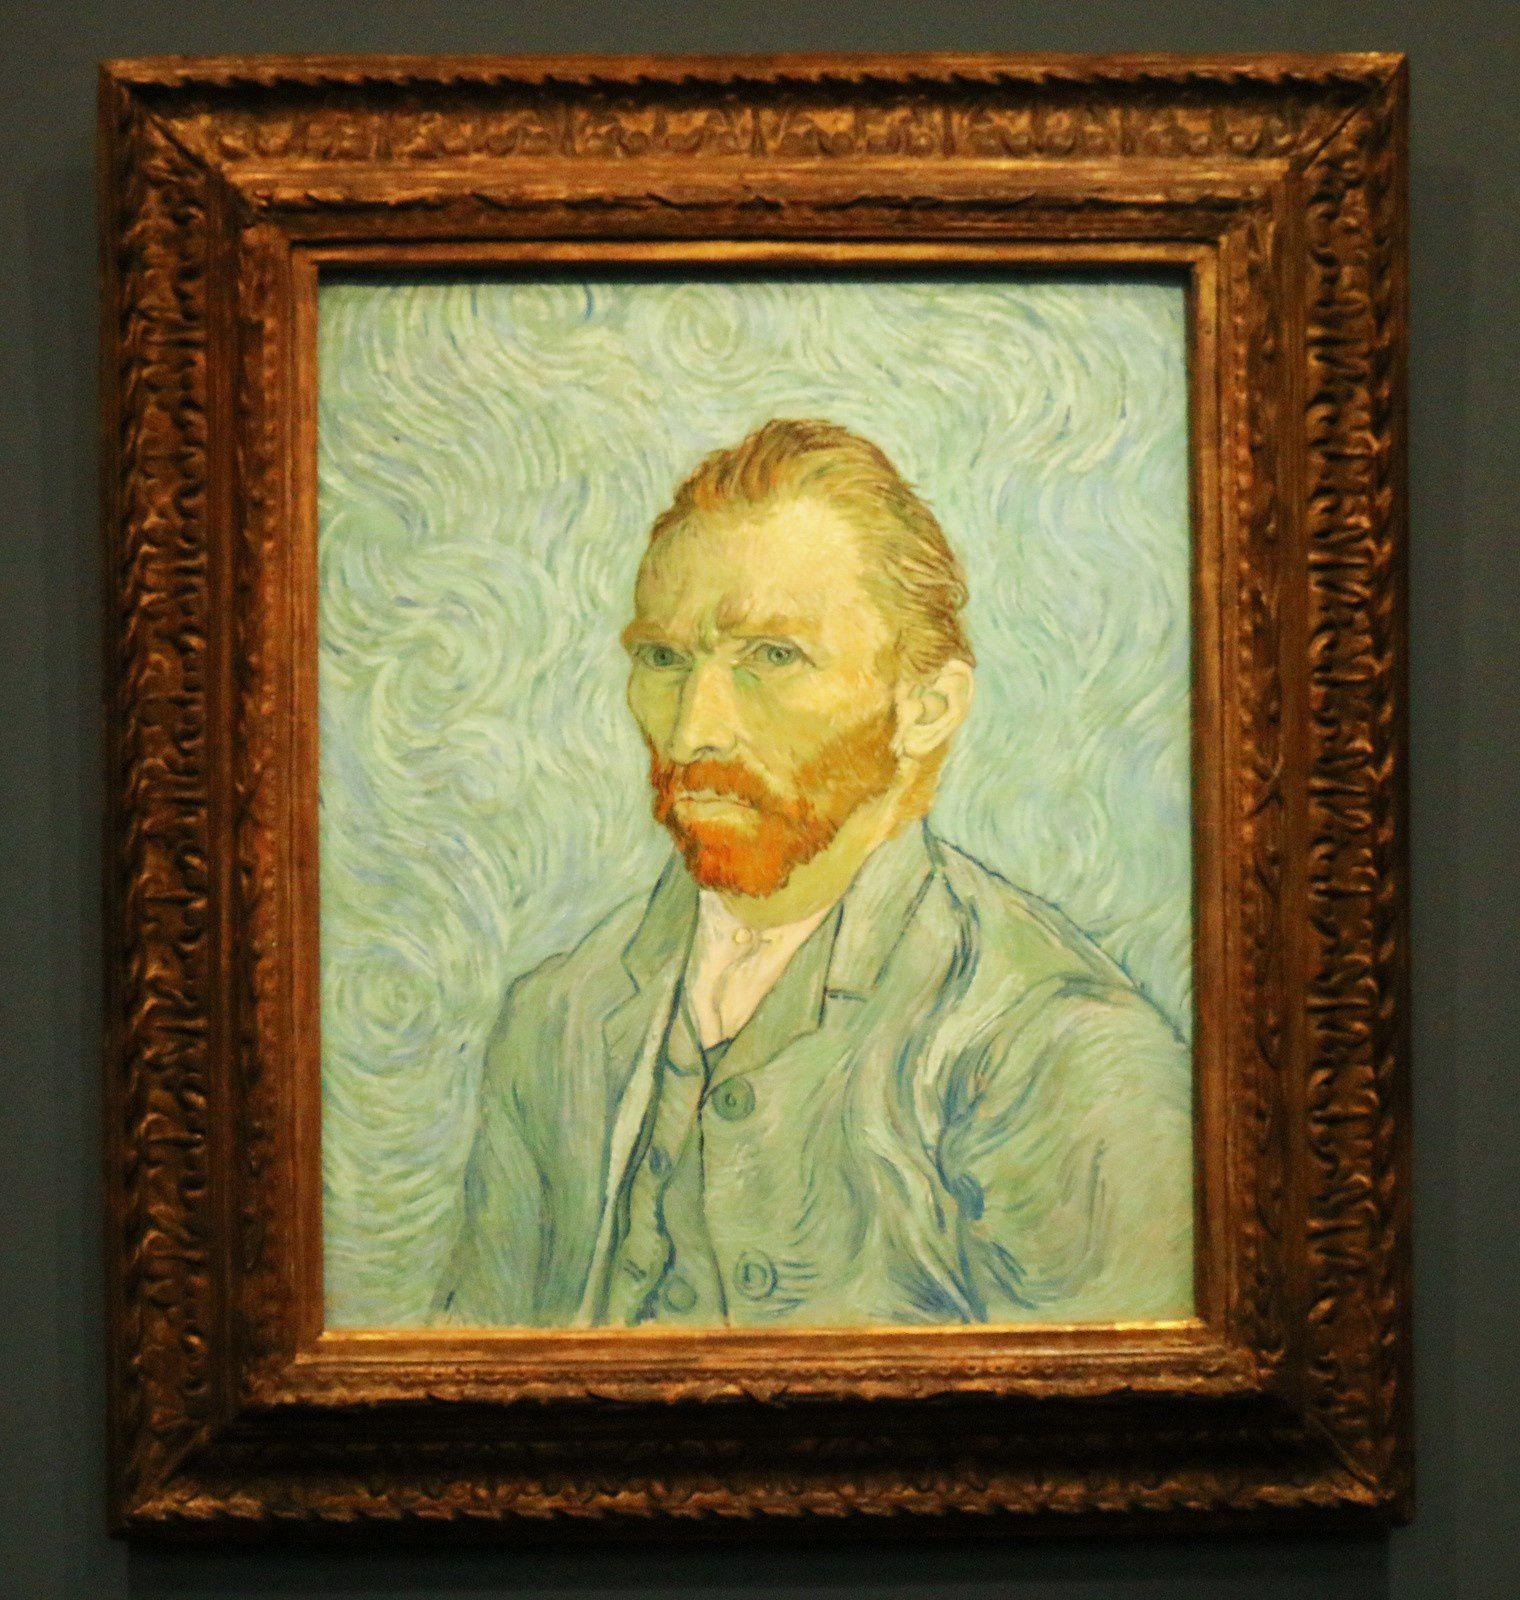 Vincent Van Gogh, portrait de l'artiste